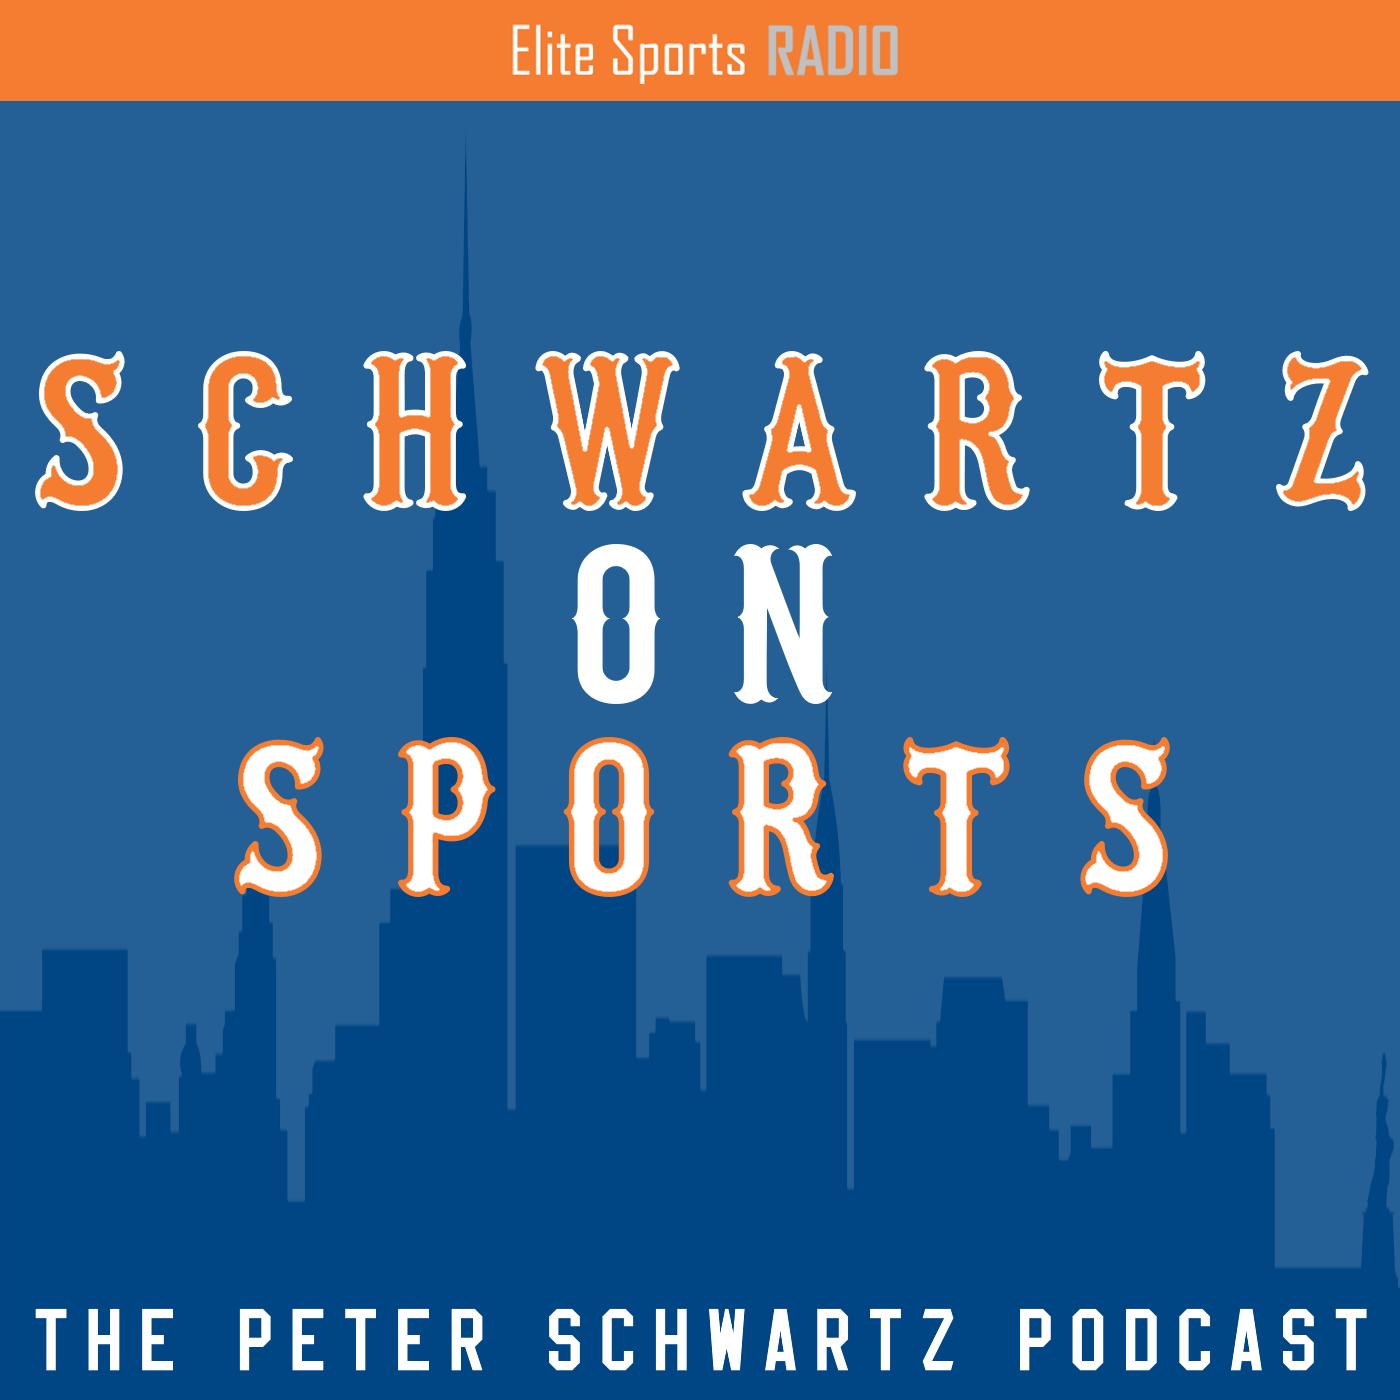 Schwartz on Sports